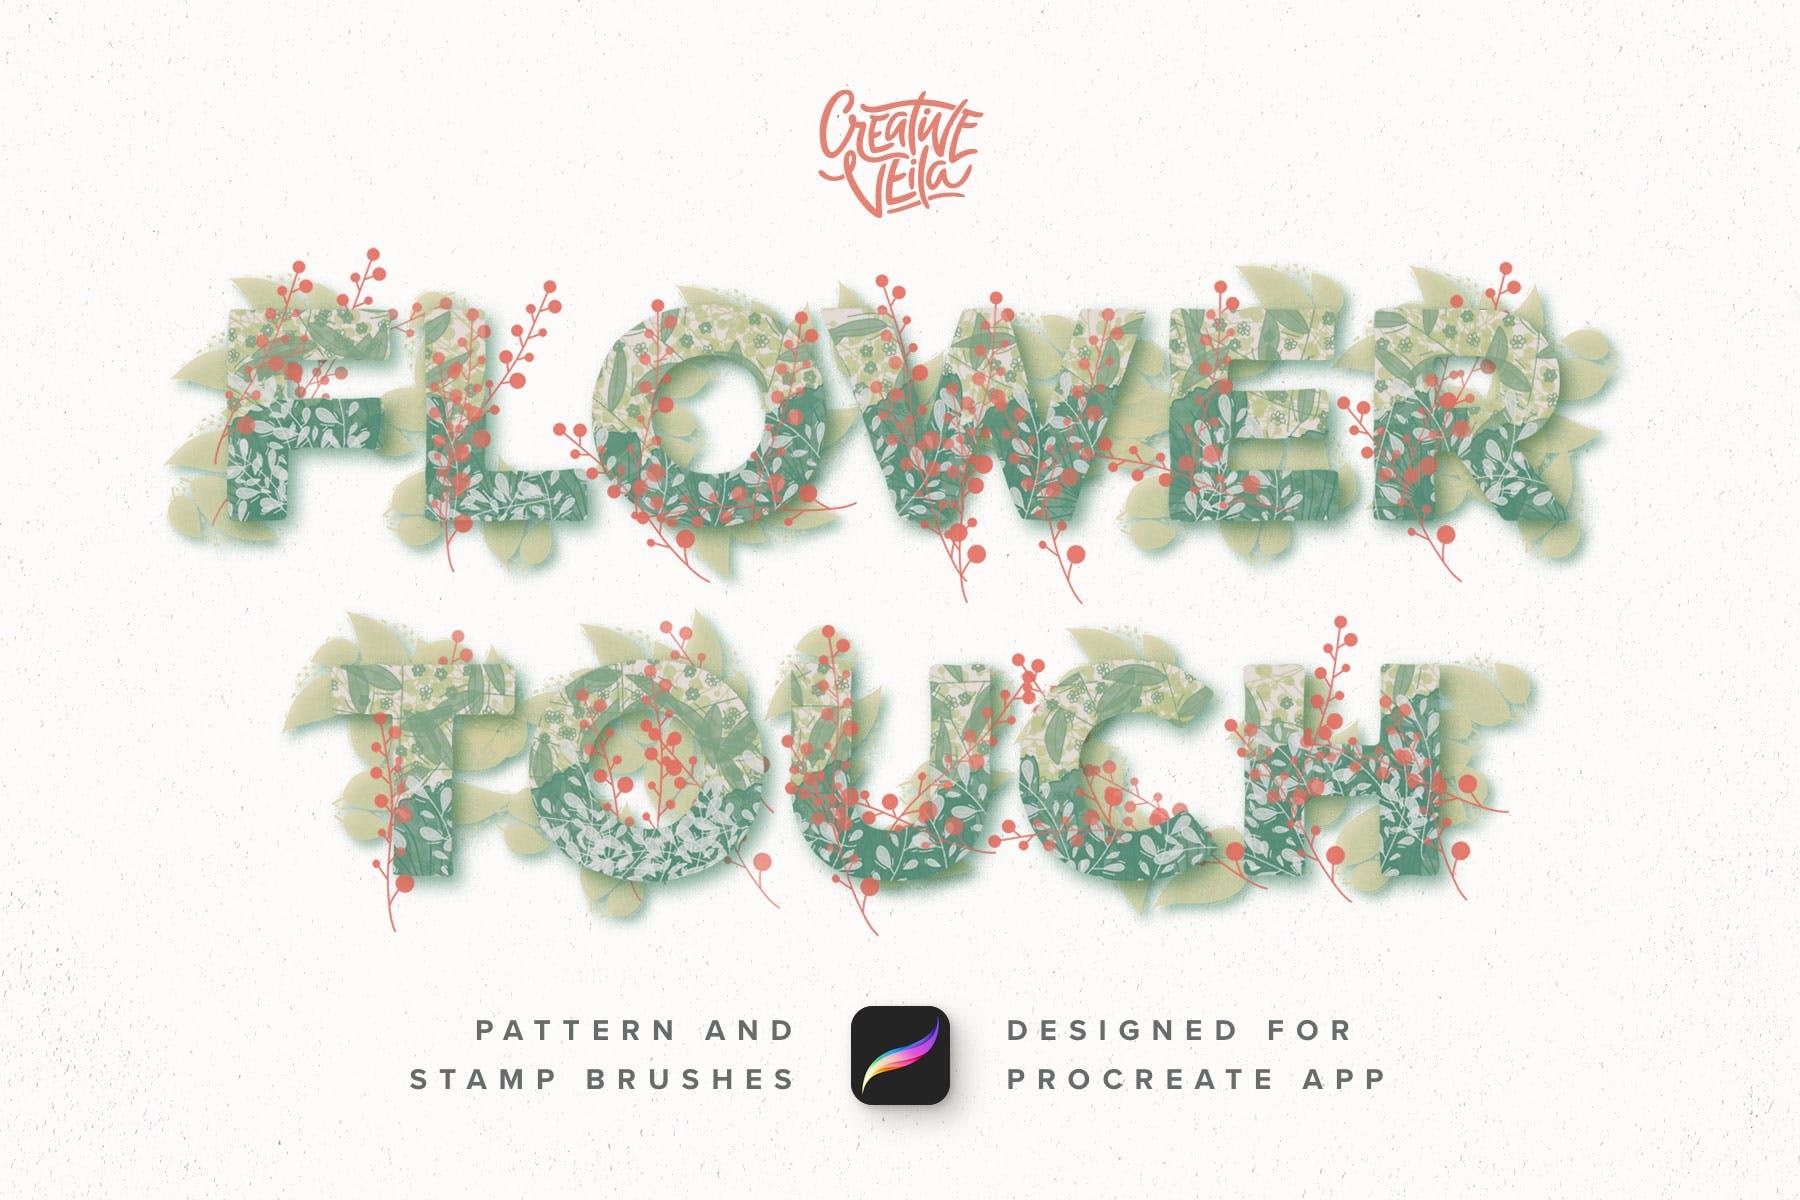 艺术绘画花卉装饰图案纹理Procreate笔刷 Flower Touch Procreate Brushes插图